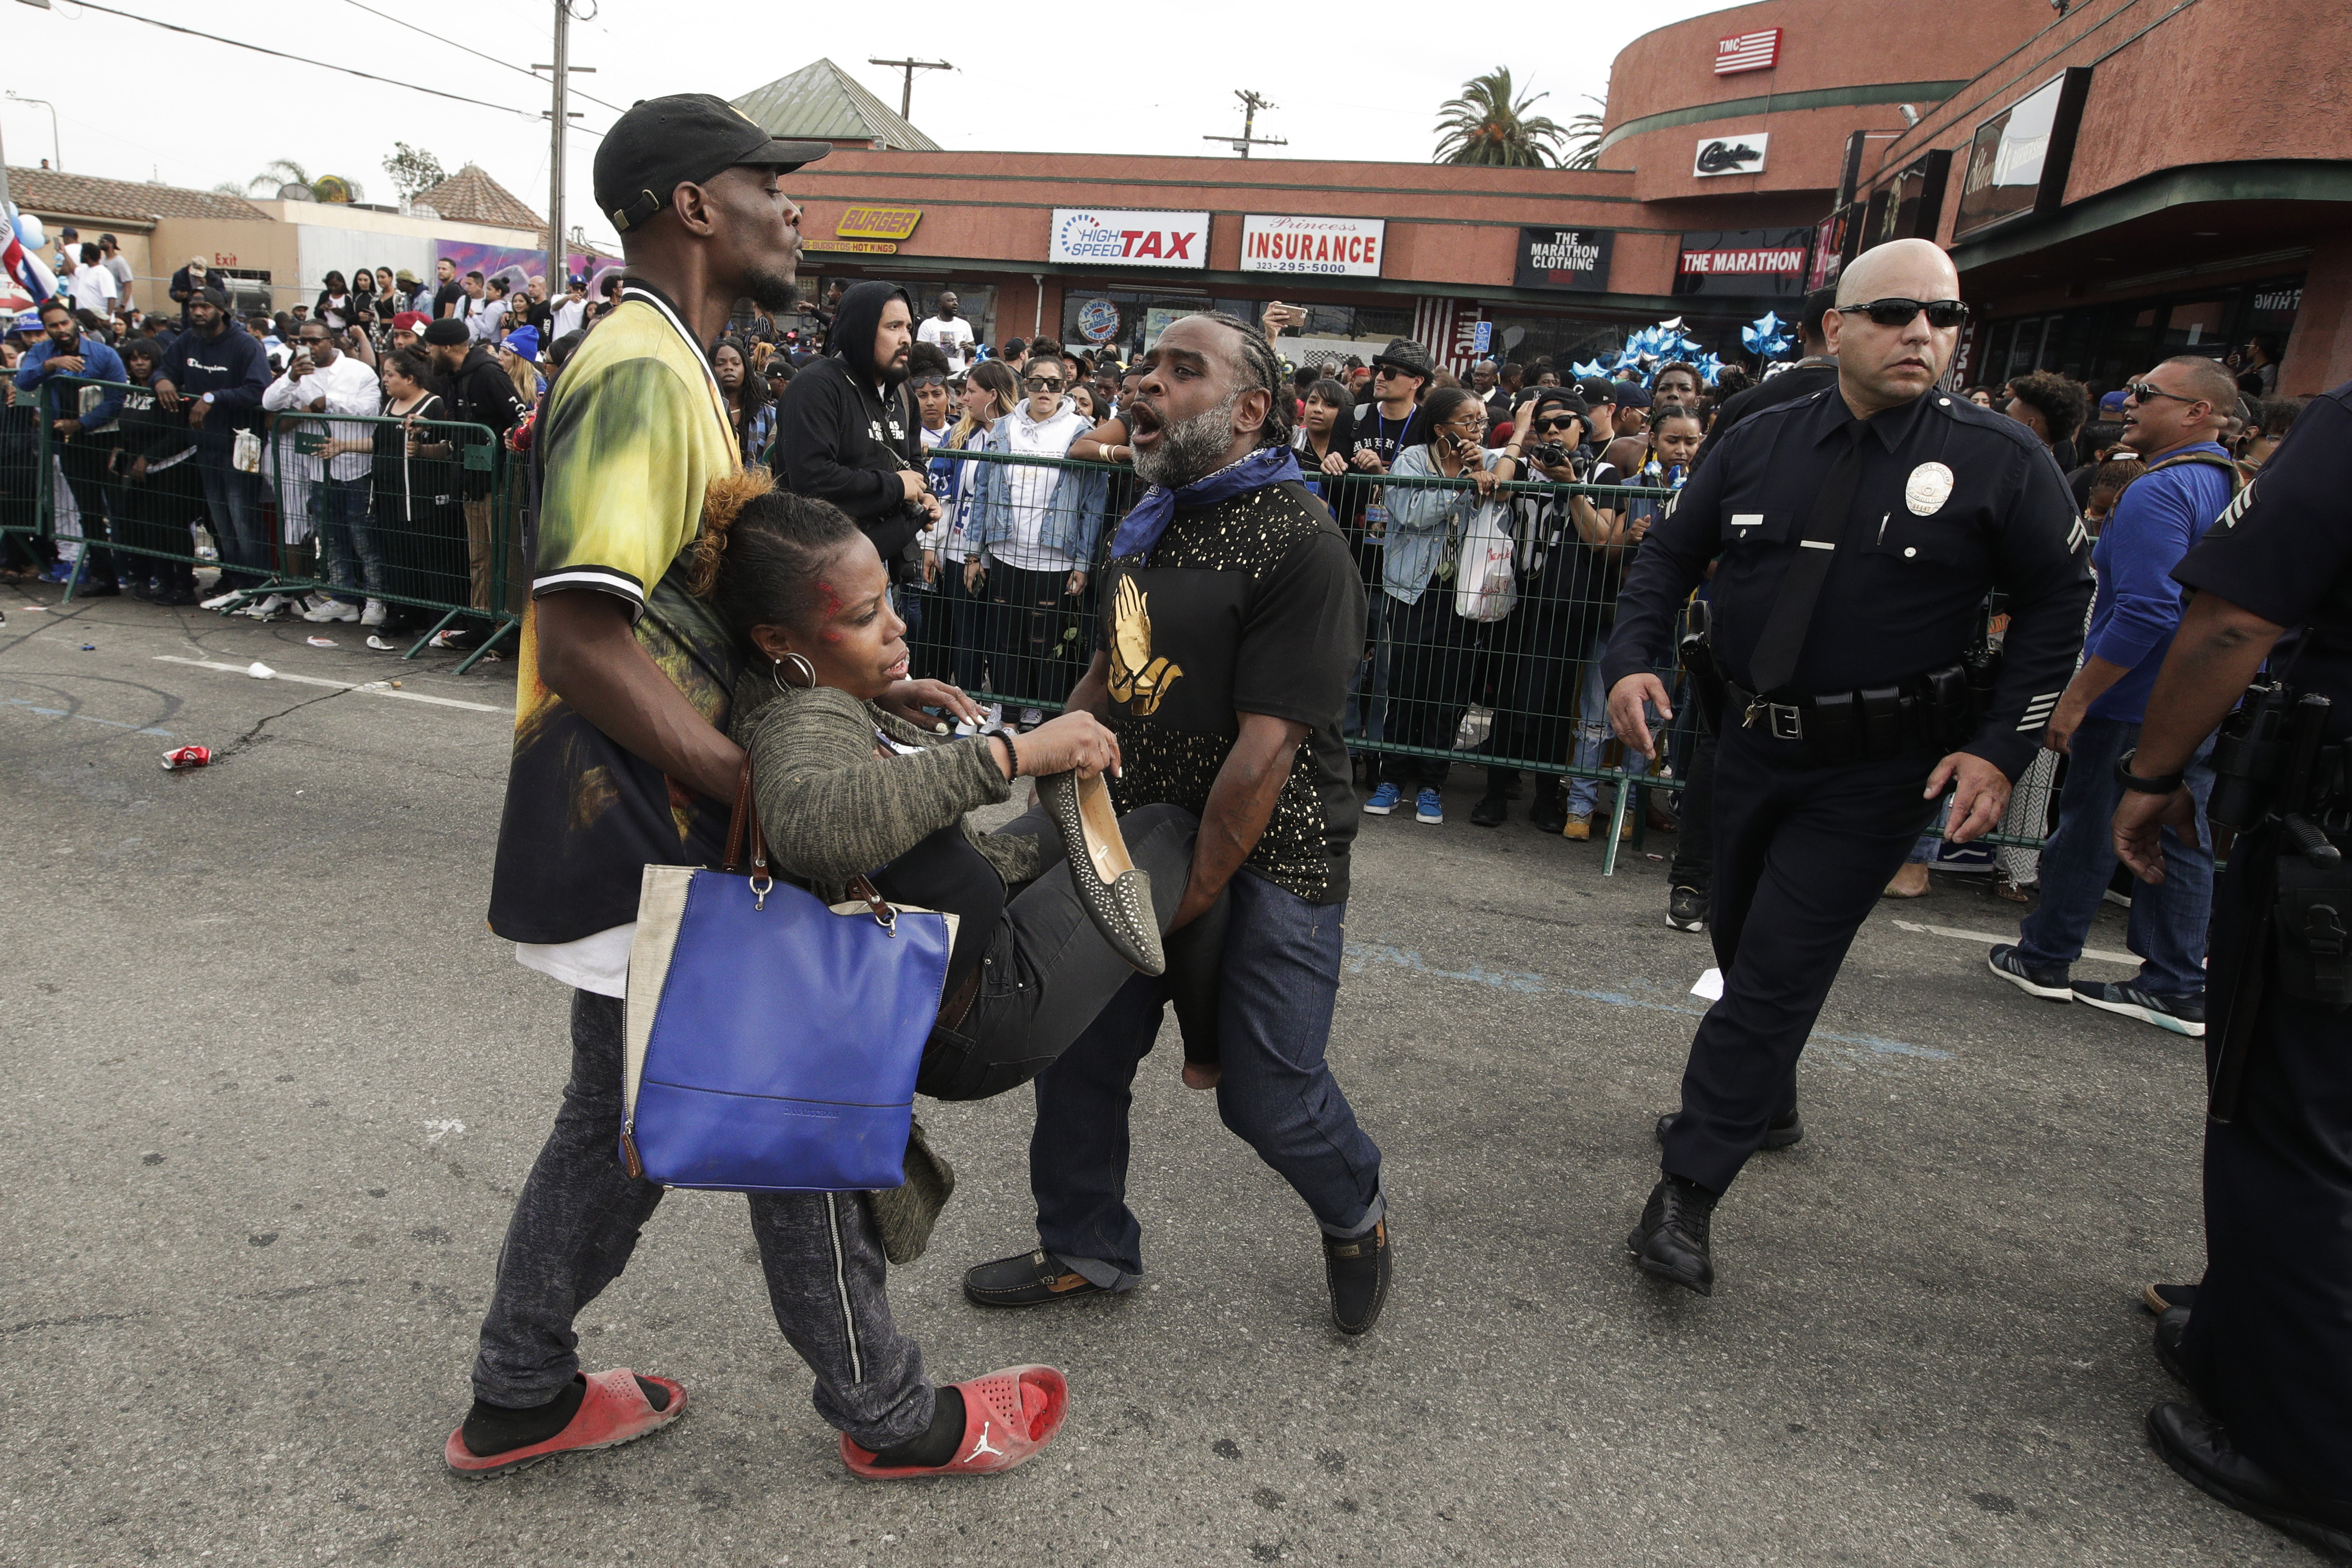 Fans began to ran after hearing gun shots. Credit: PA